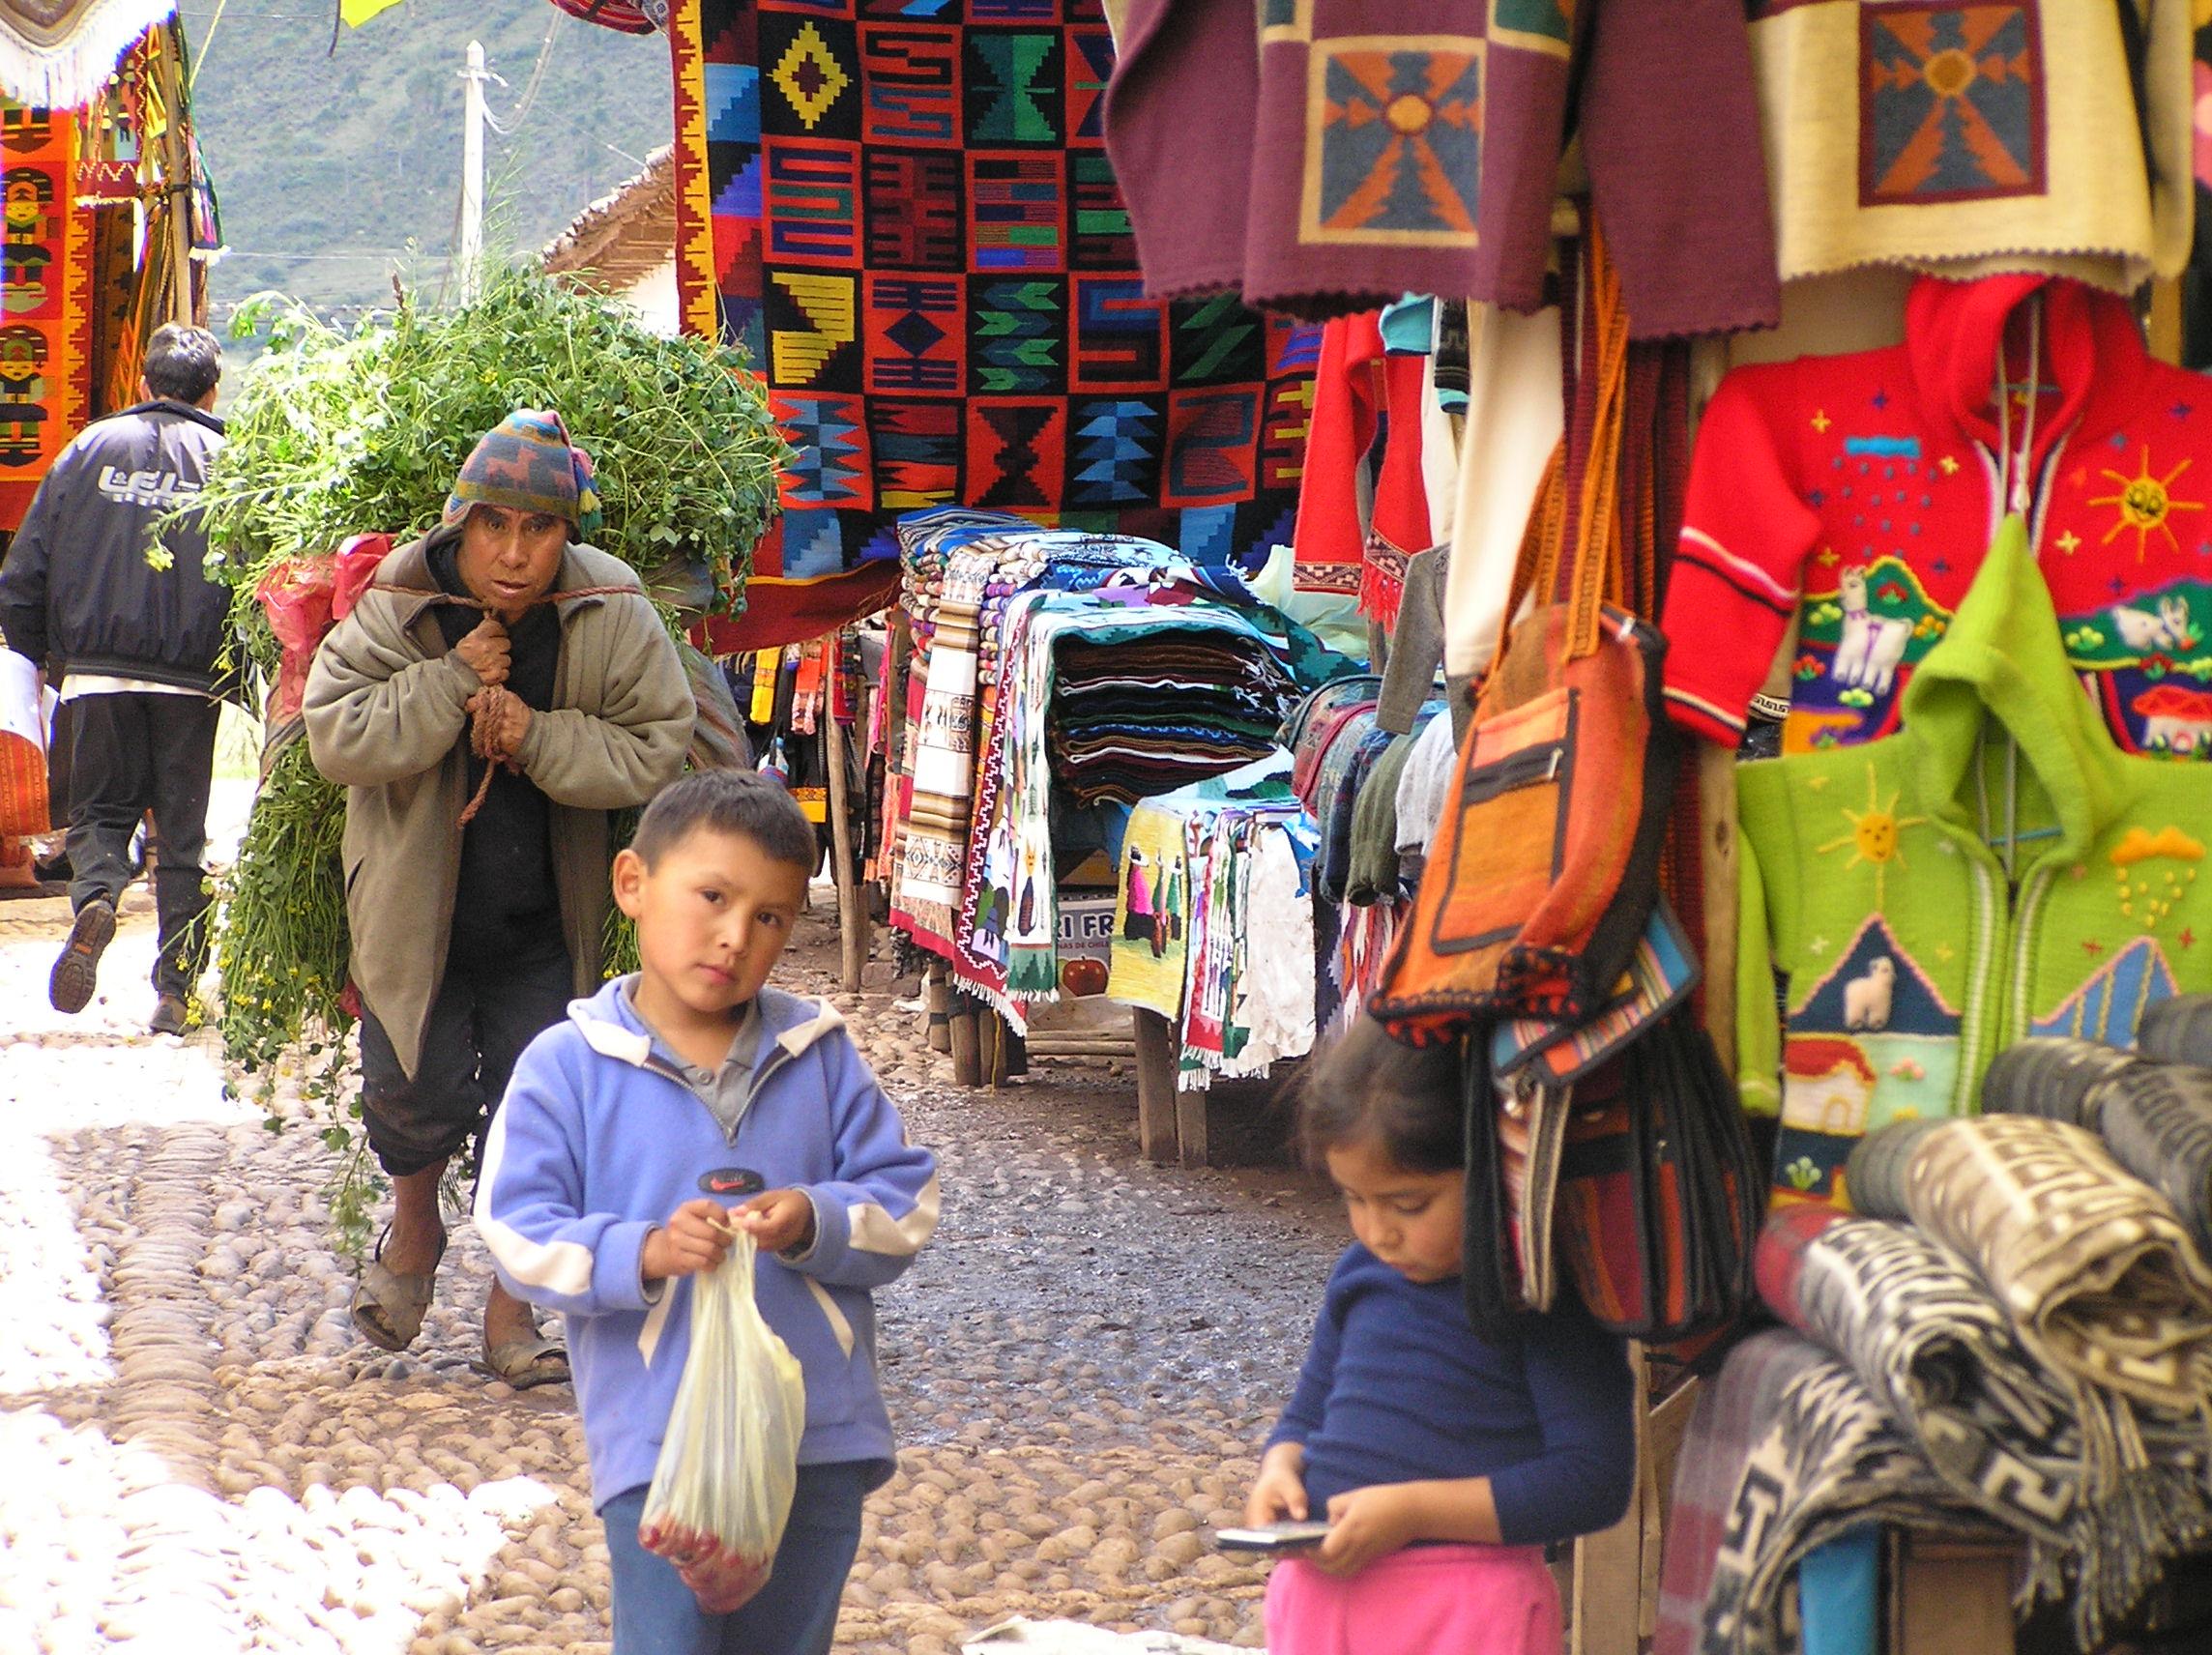 A market in Peru